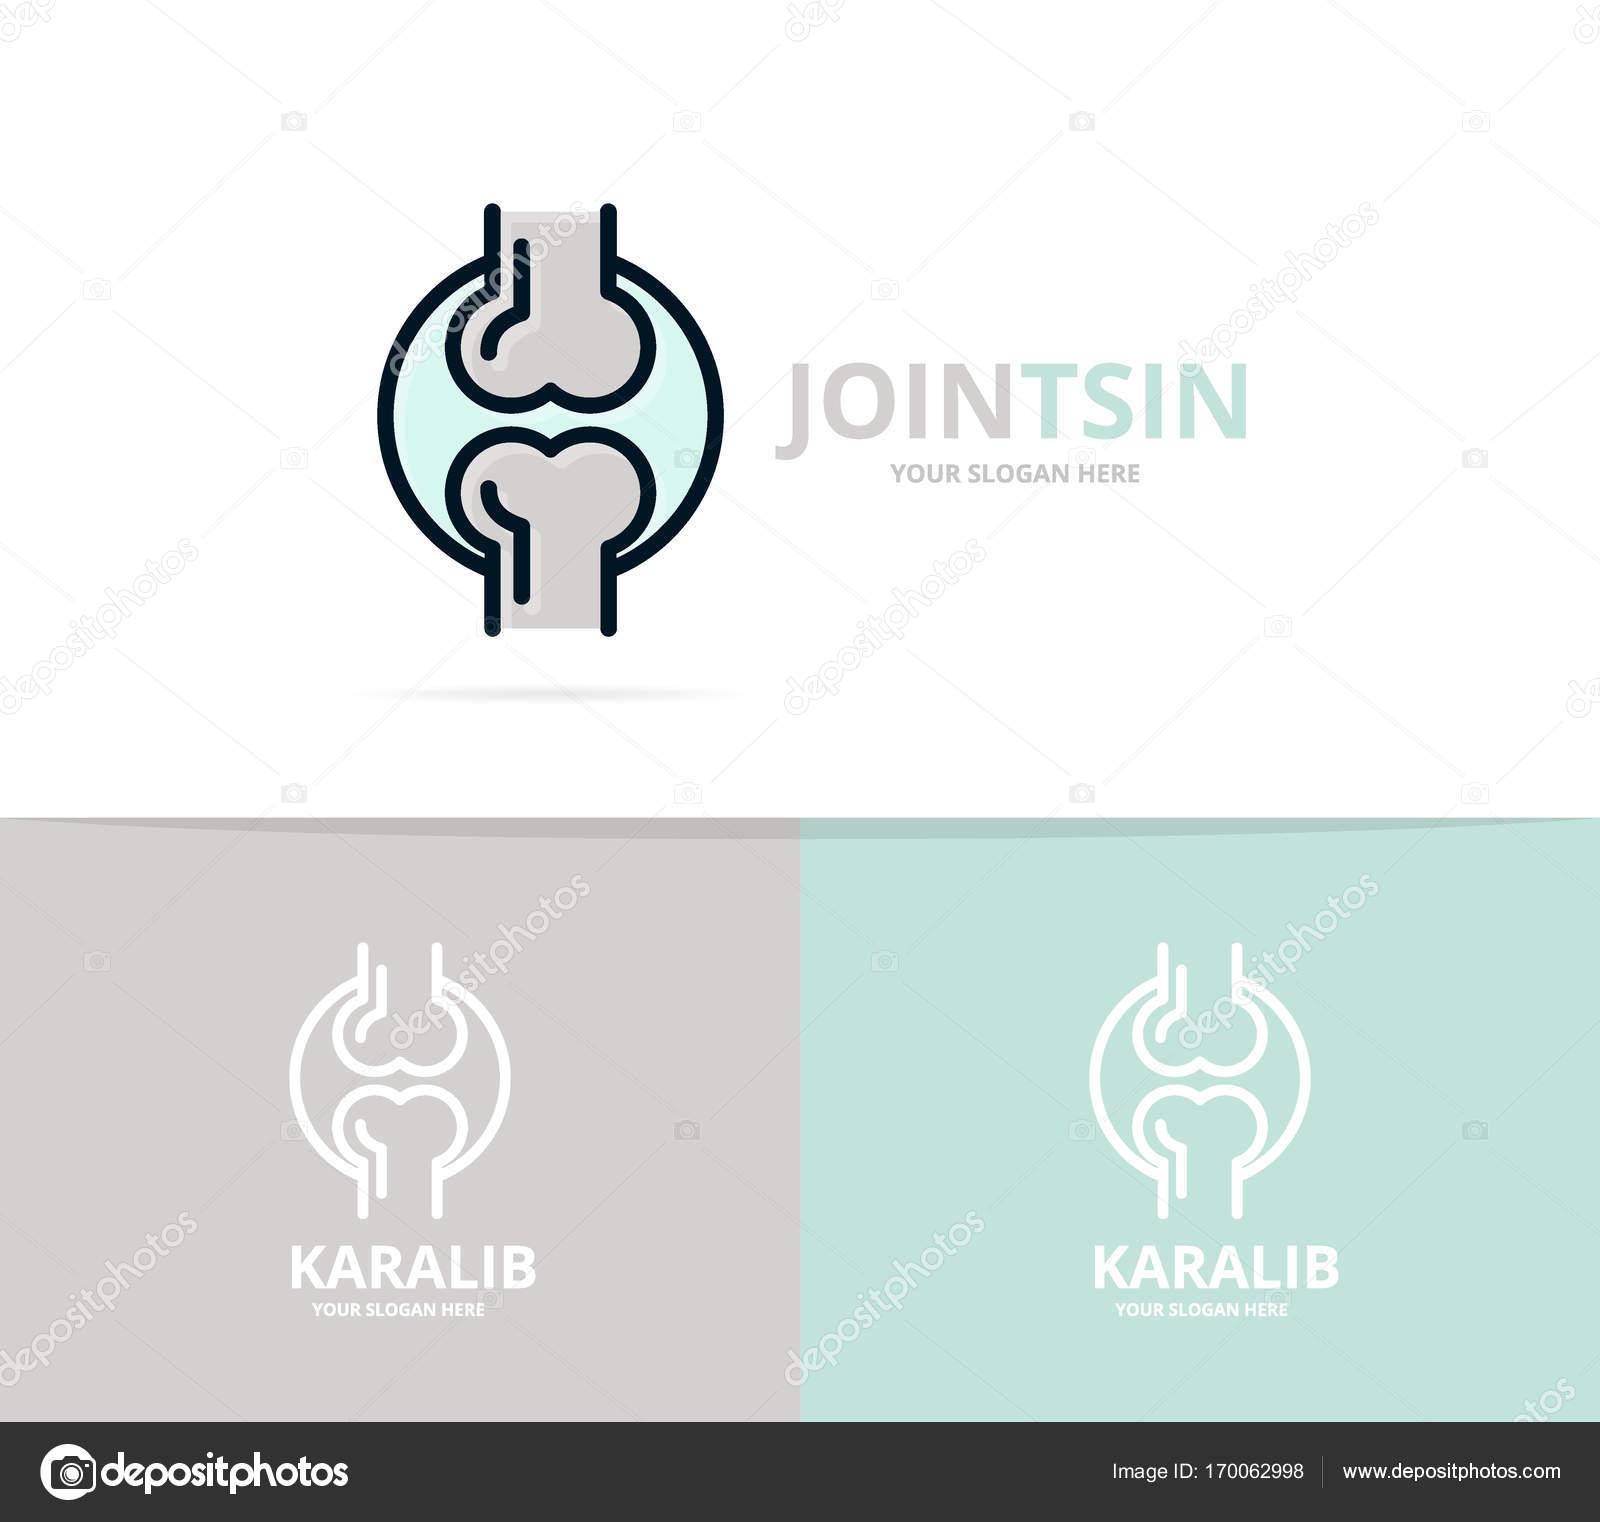 Einzigartige Gelenk und Knie-Logo Design-Vorlage. Einzigartige ...